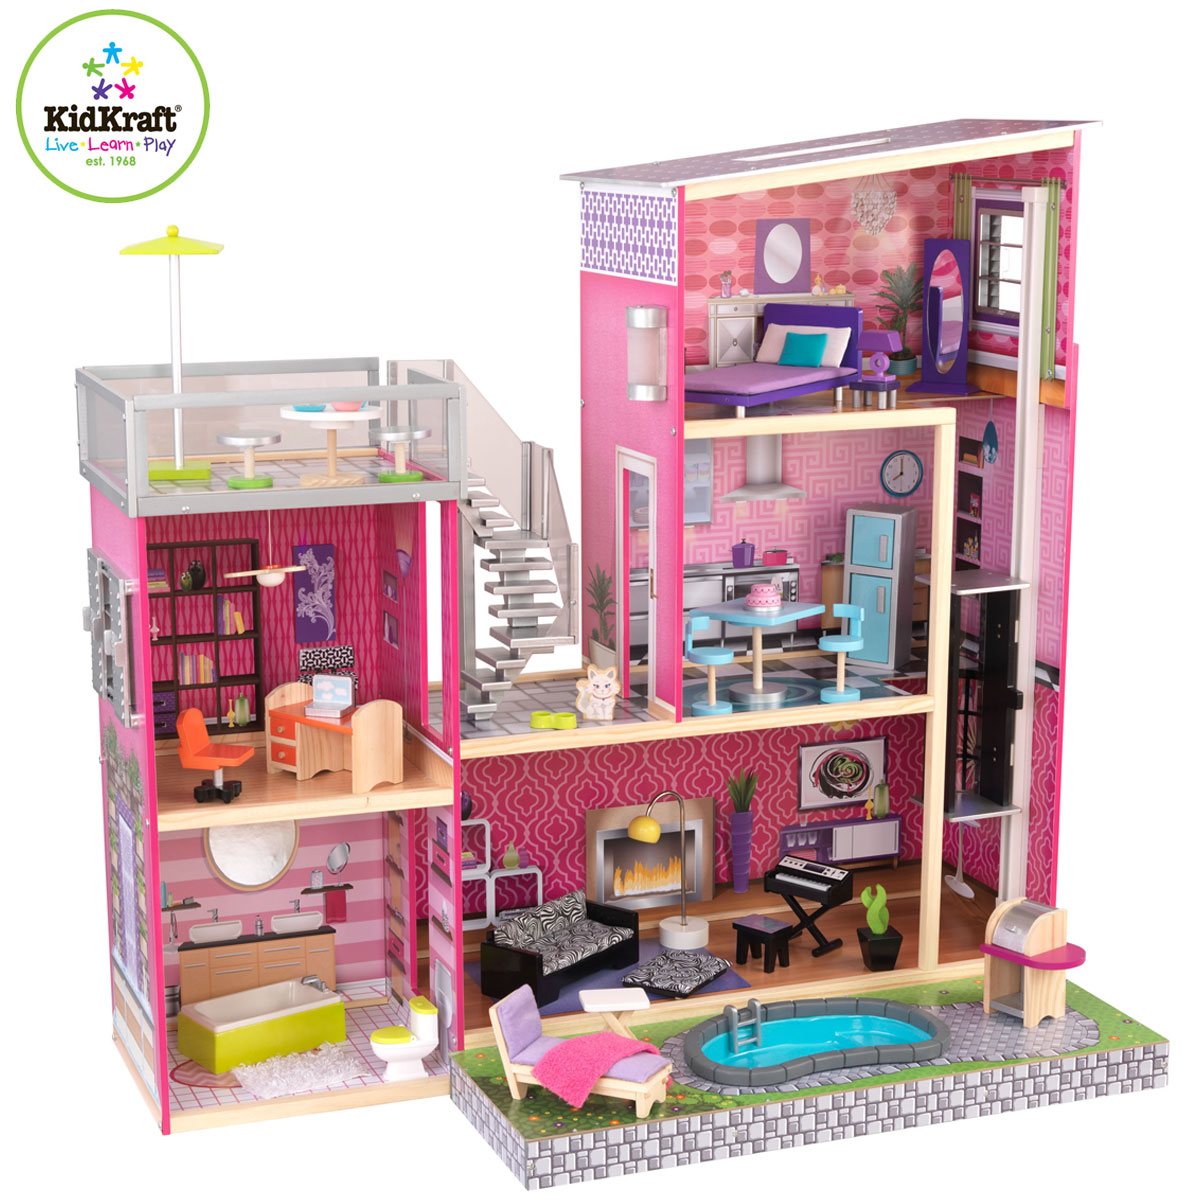 Favoloso KidKraft 65833 - Casa delle Bambole Uptown con piscina VR47